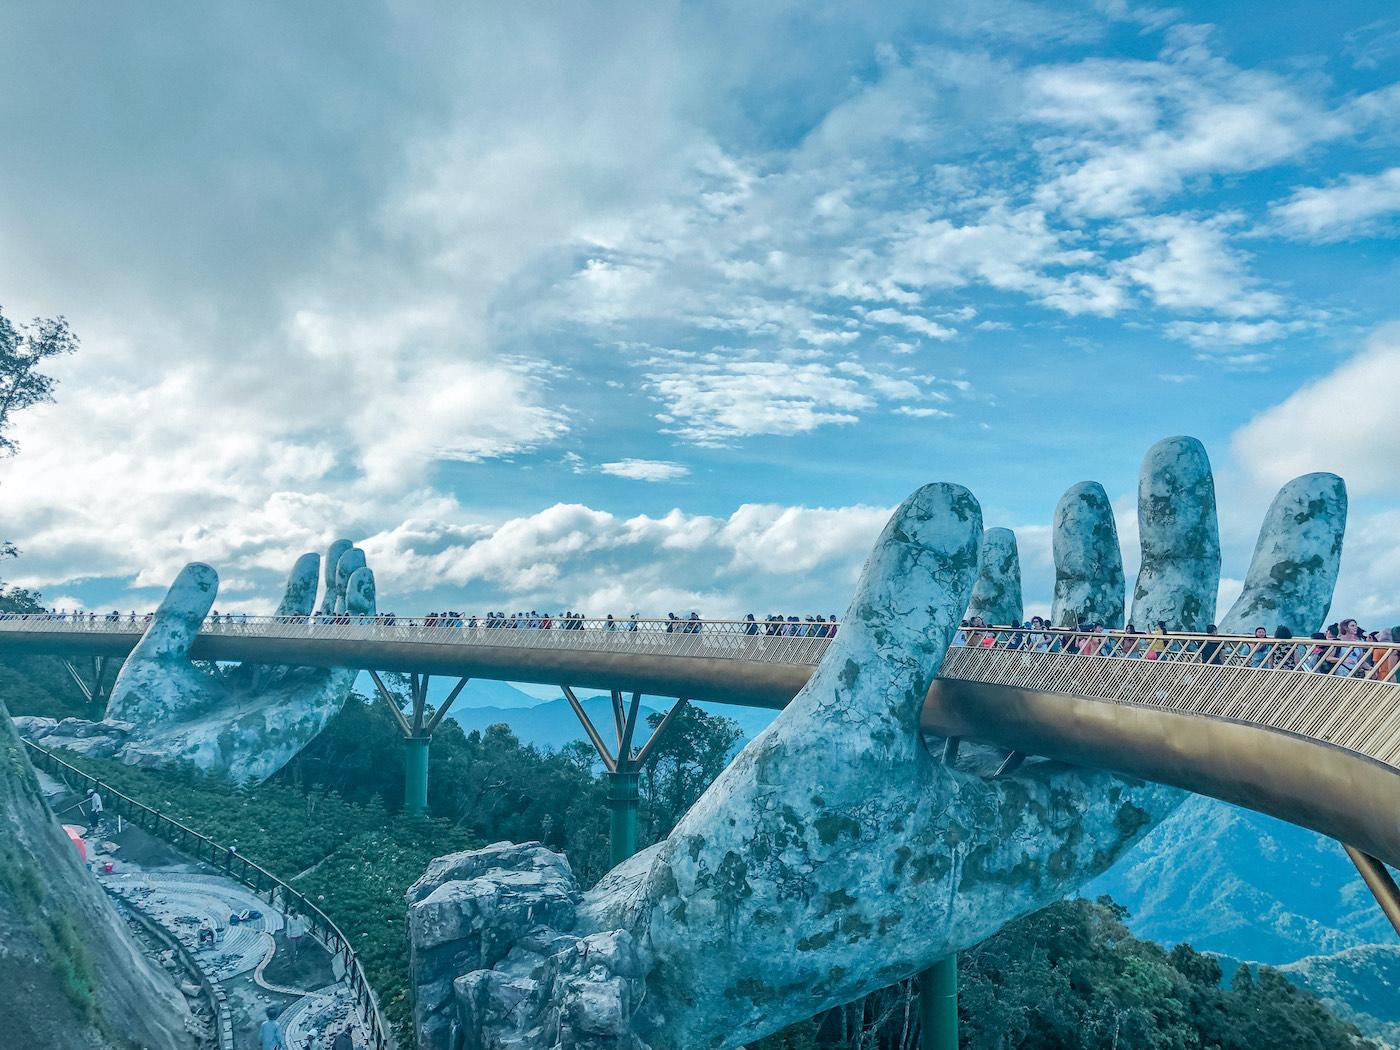 Golden Bridge in Vietnam